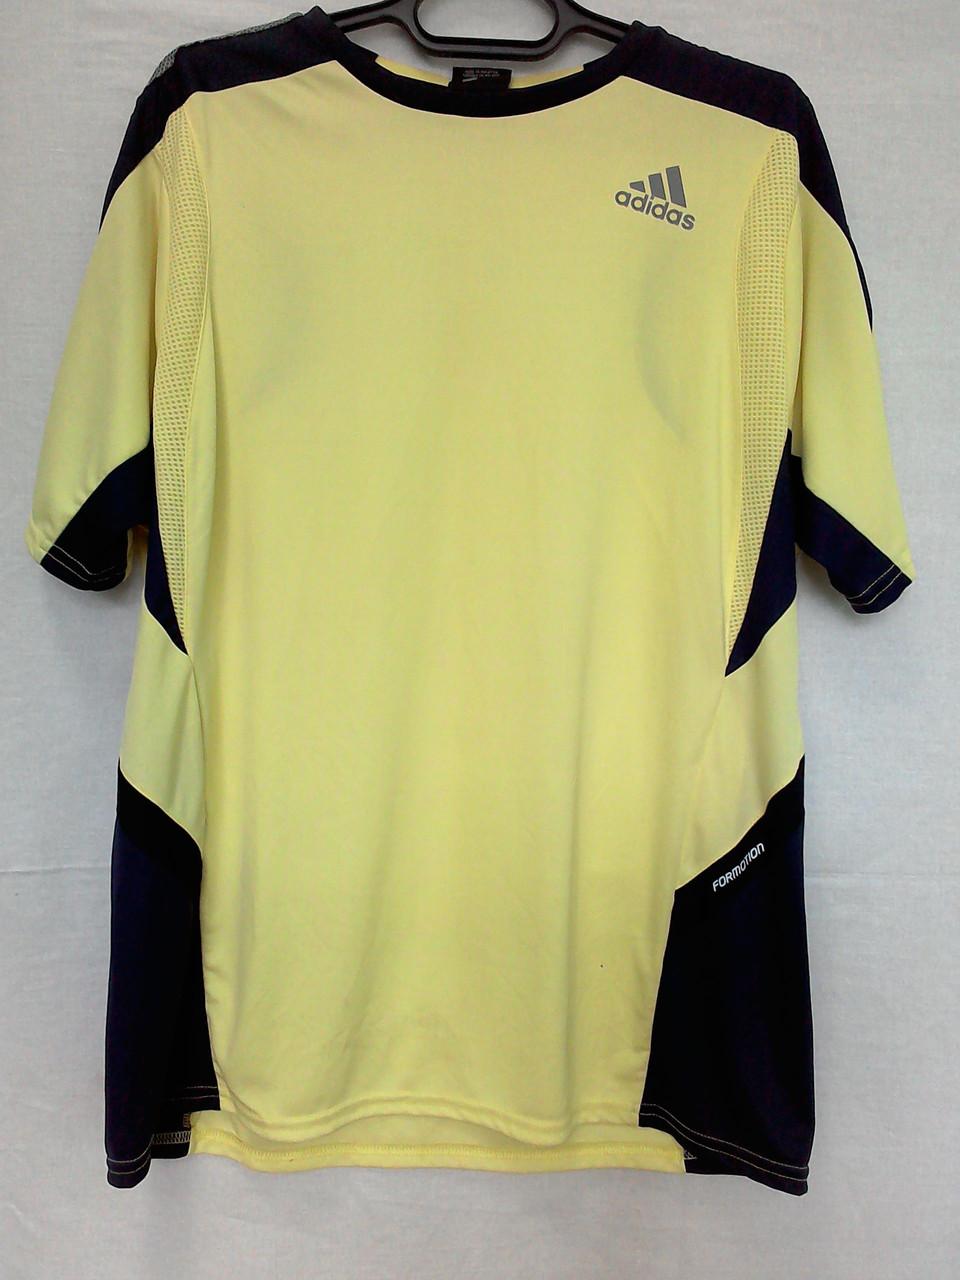 Мужская спортивная футболка Adidas Formotion.